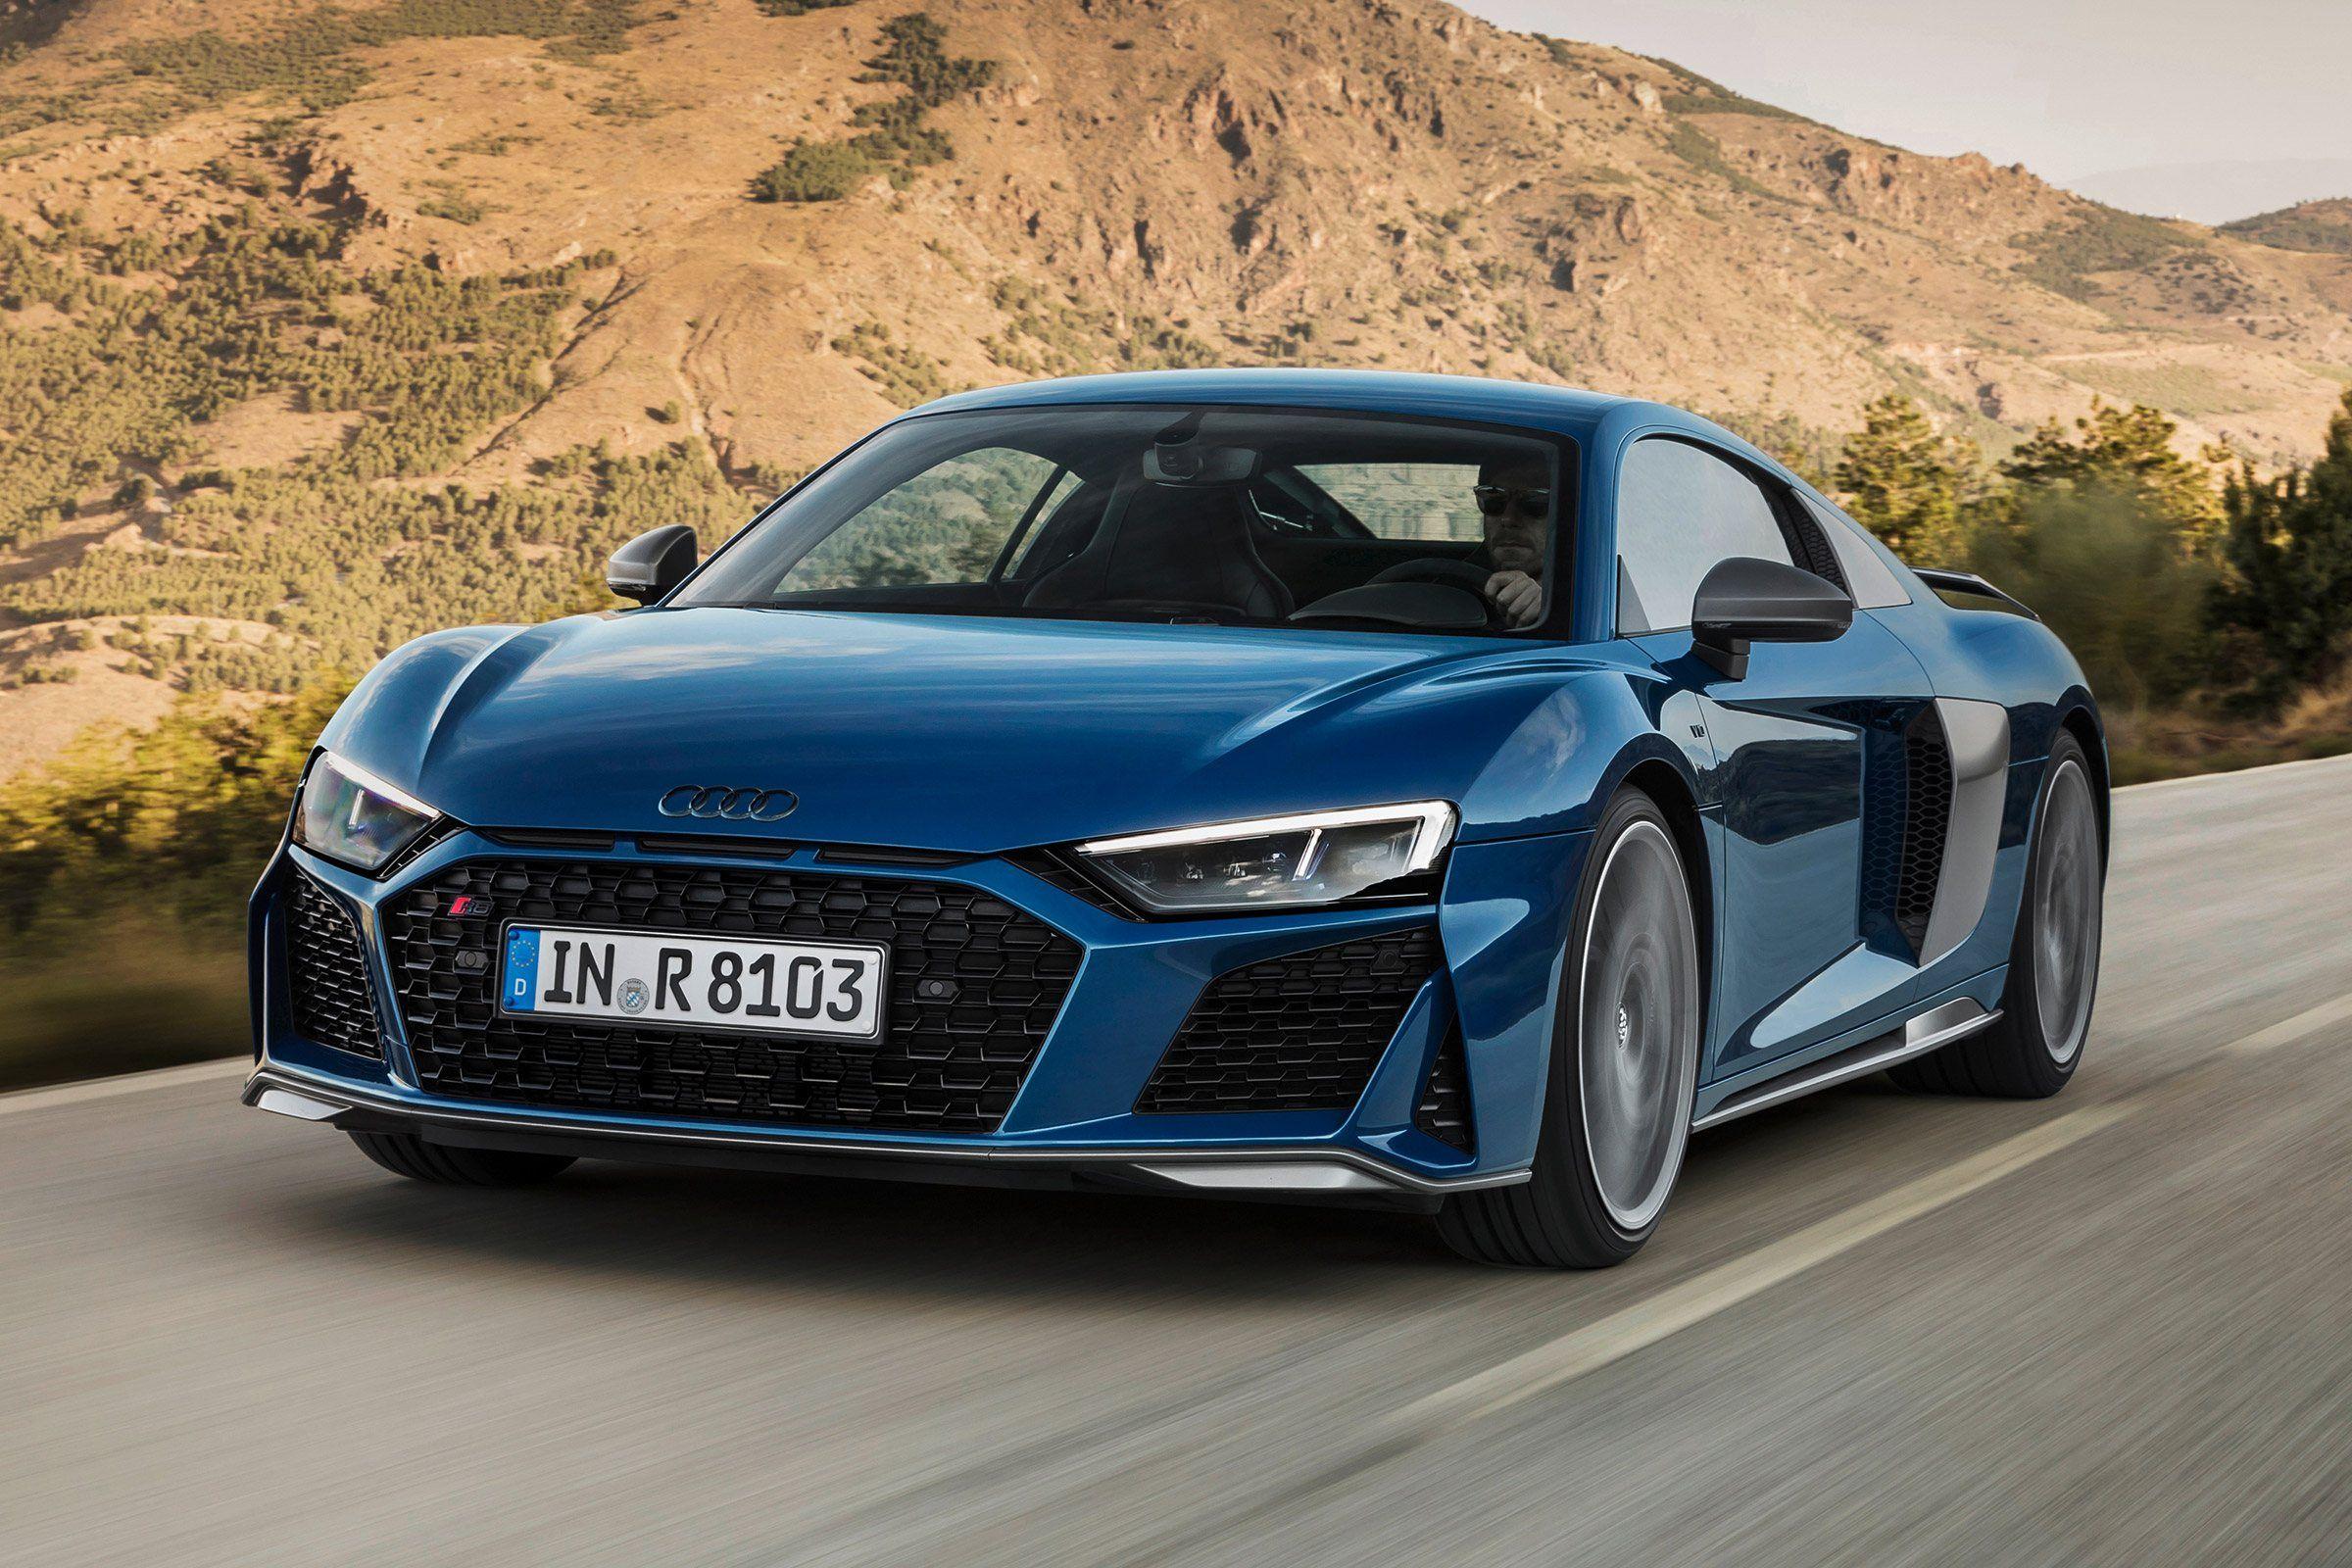 2021 Audi R8 V10 Spyder Review In 2020 Audi R8 Gt Audi R8 Audi R8 V10